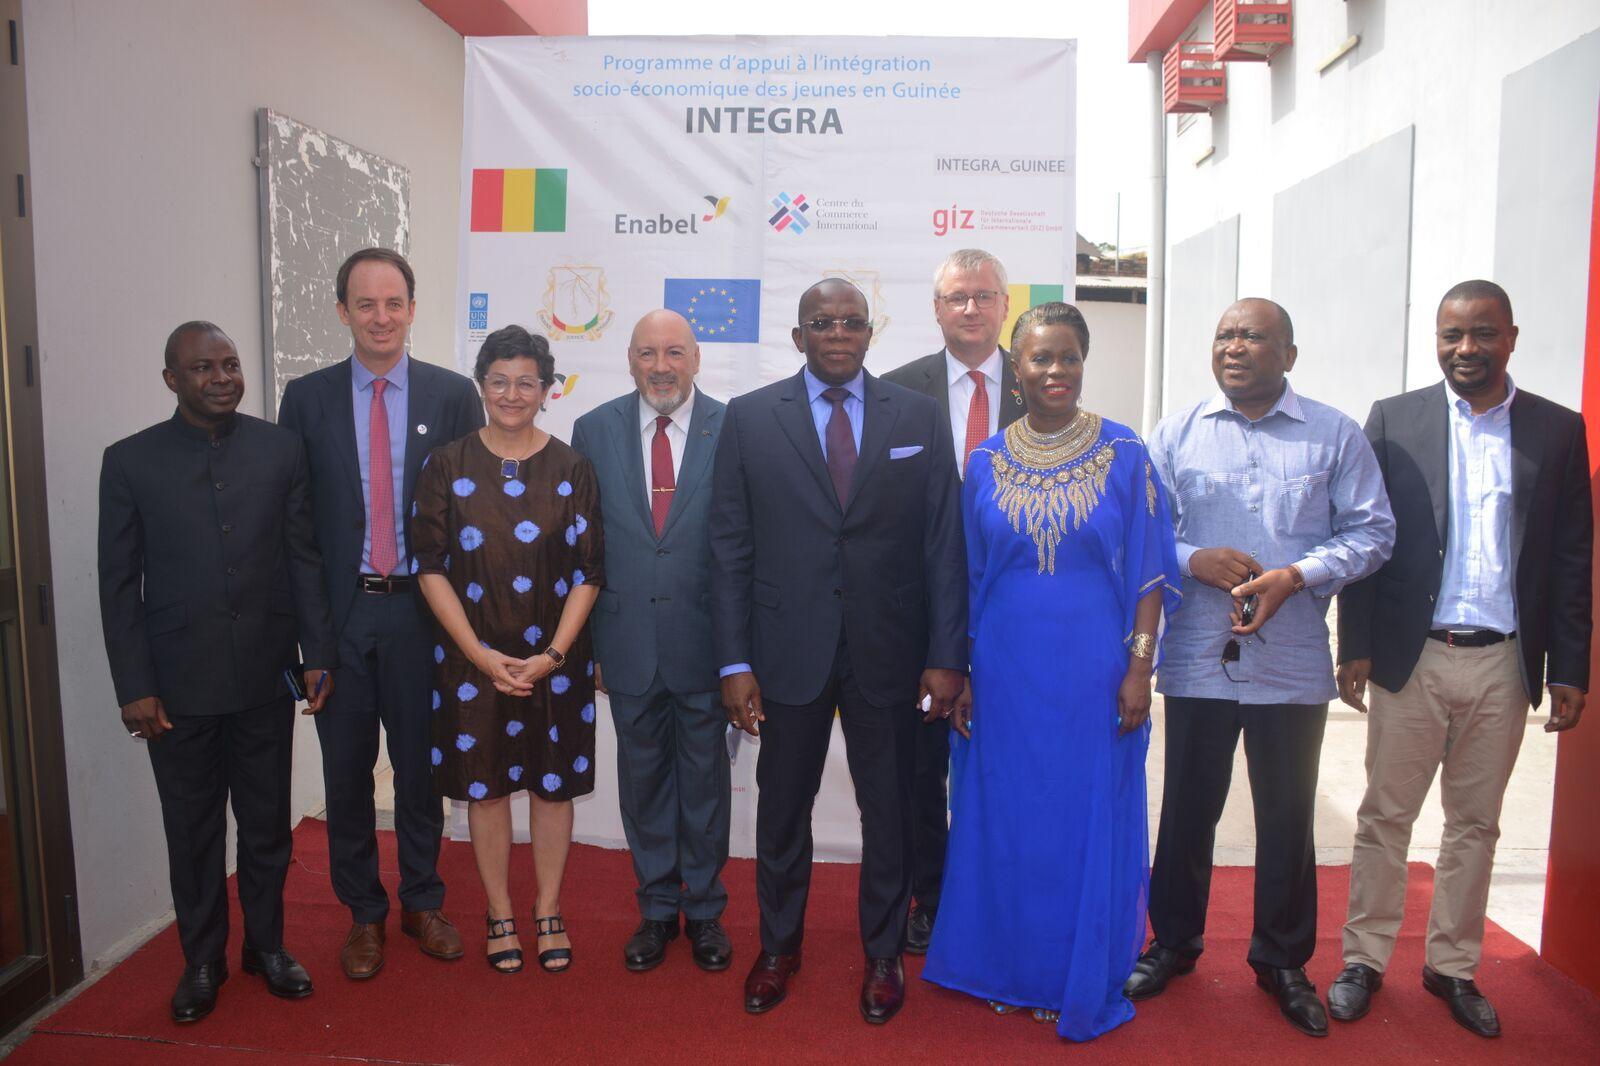 La Guinée et l'Union européenne font appel à Enabel pour la mise en œuvre du programme INTEGRA